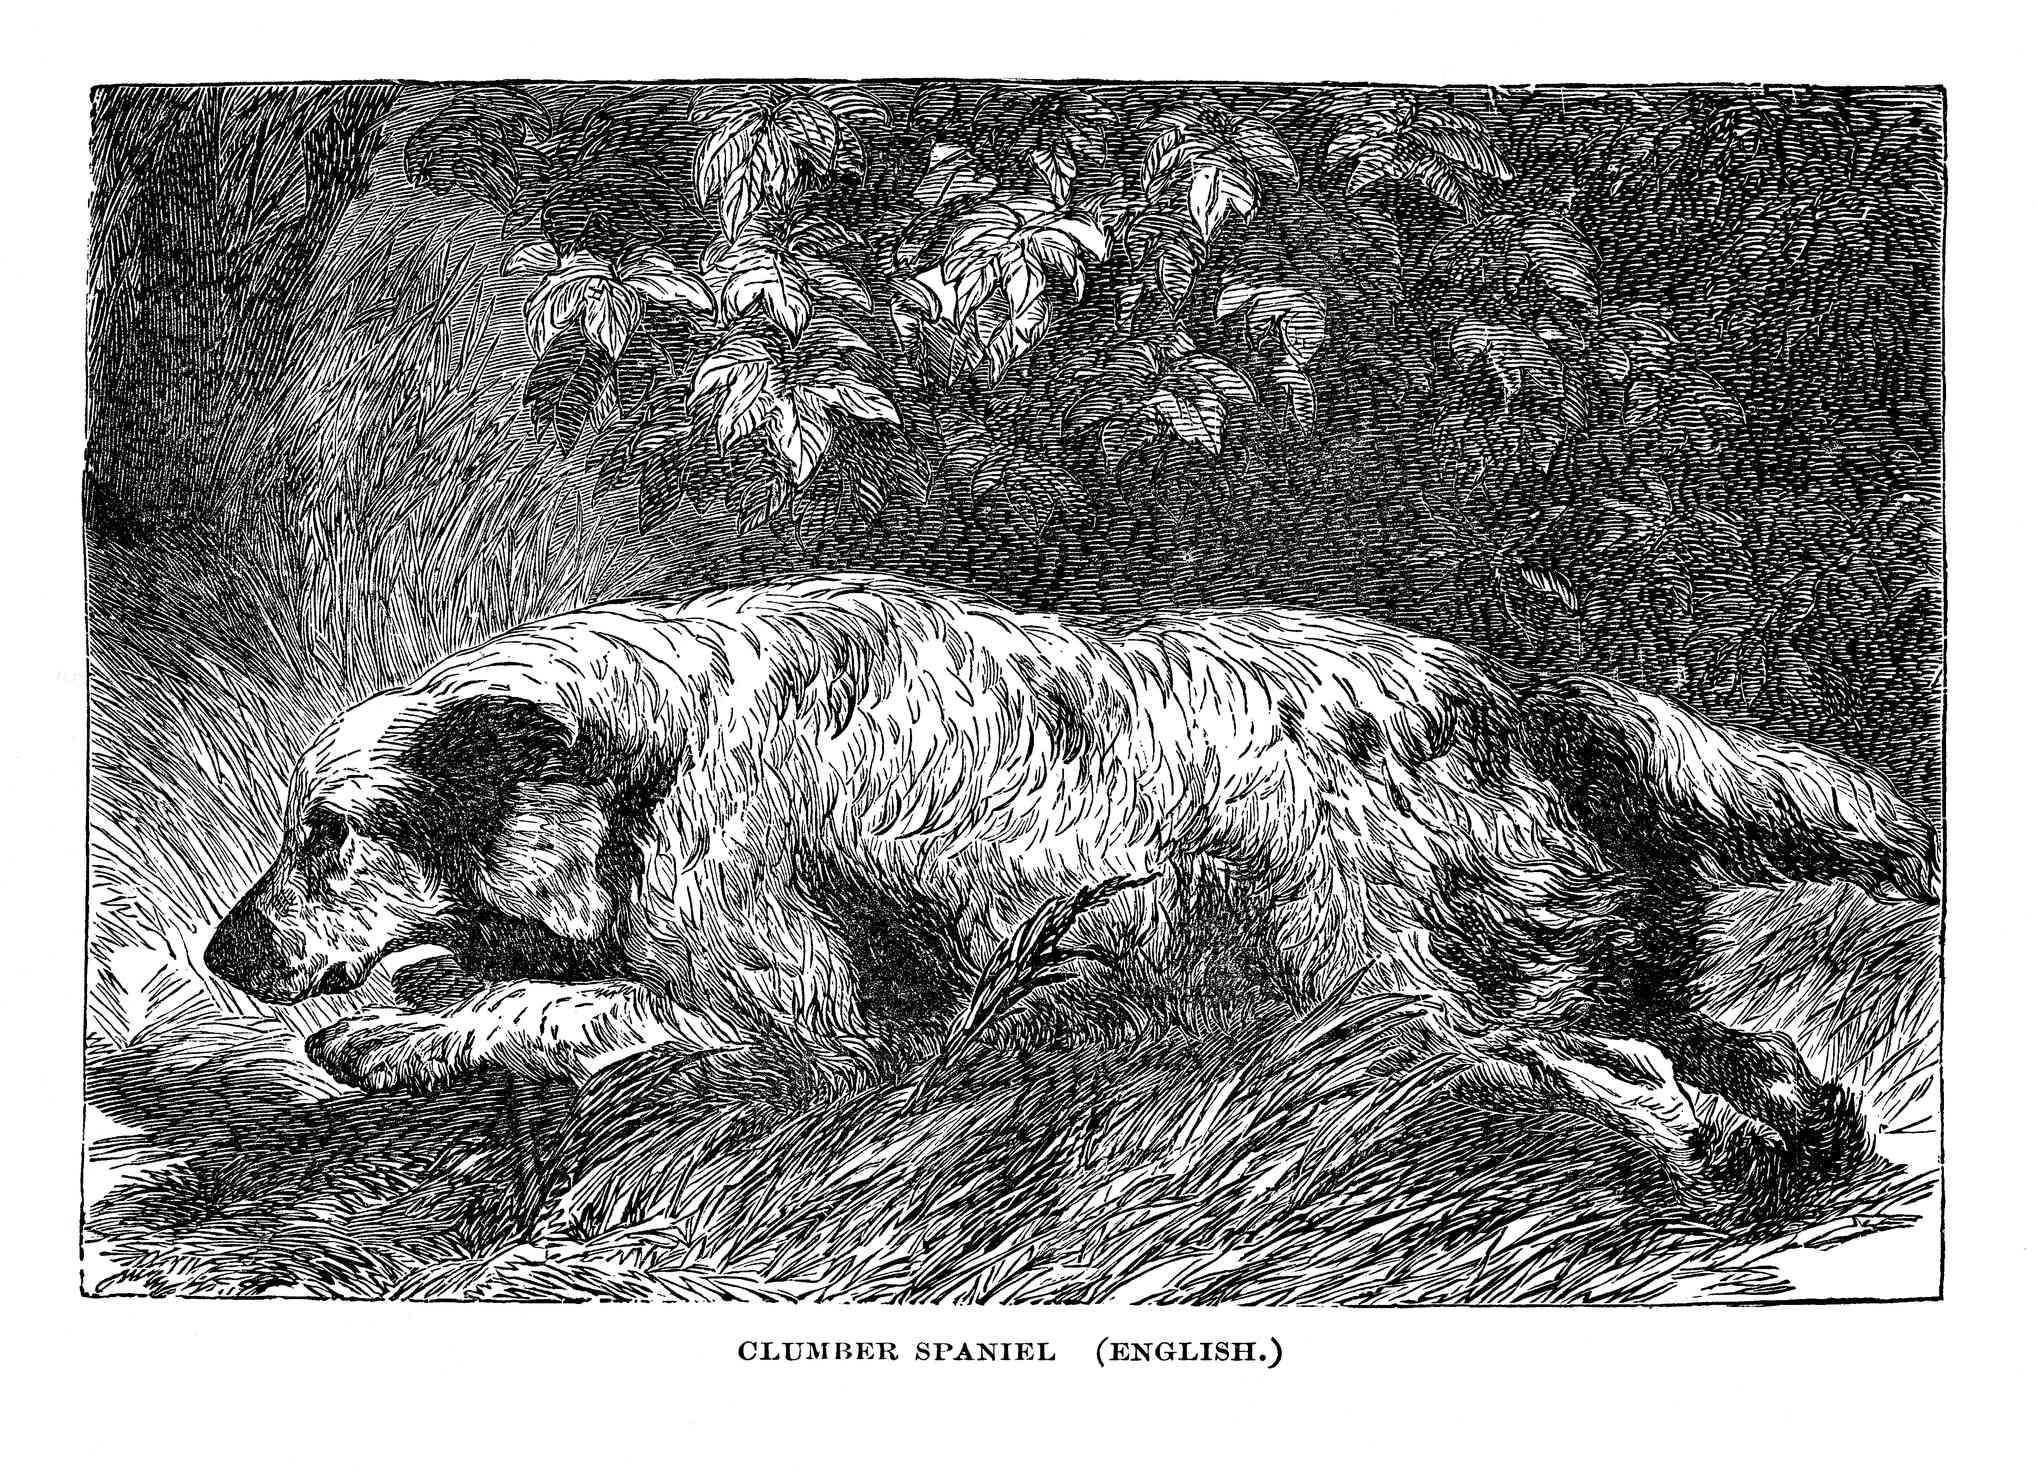 Ilustración en blanco y negro de la caza de Clumber Spaniel